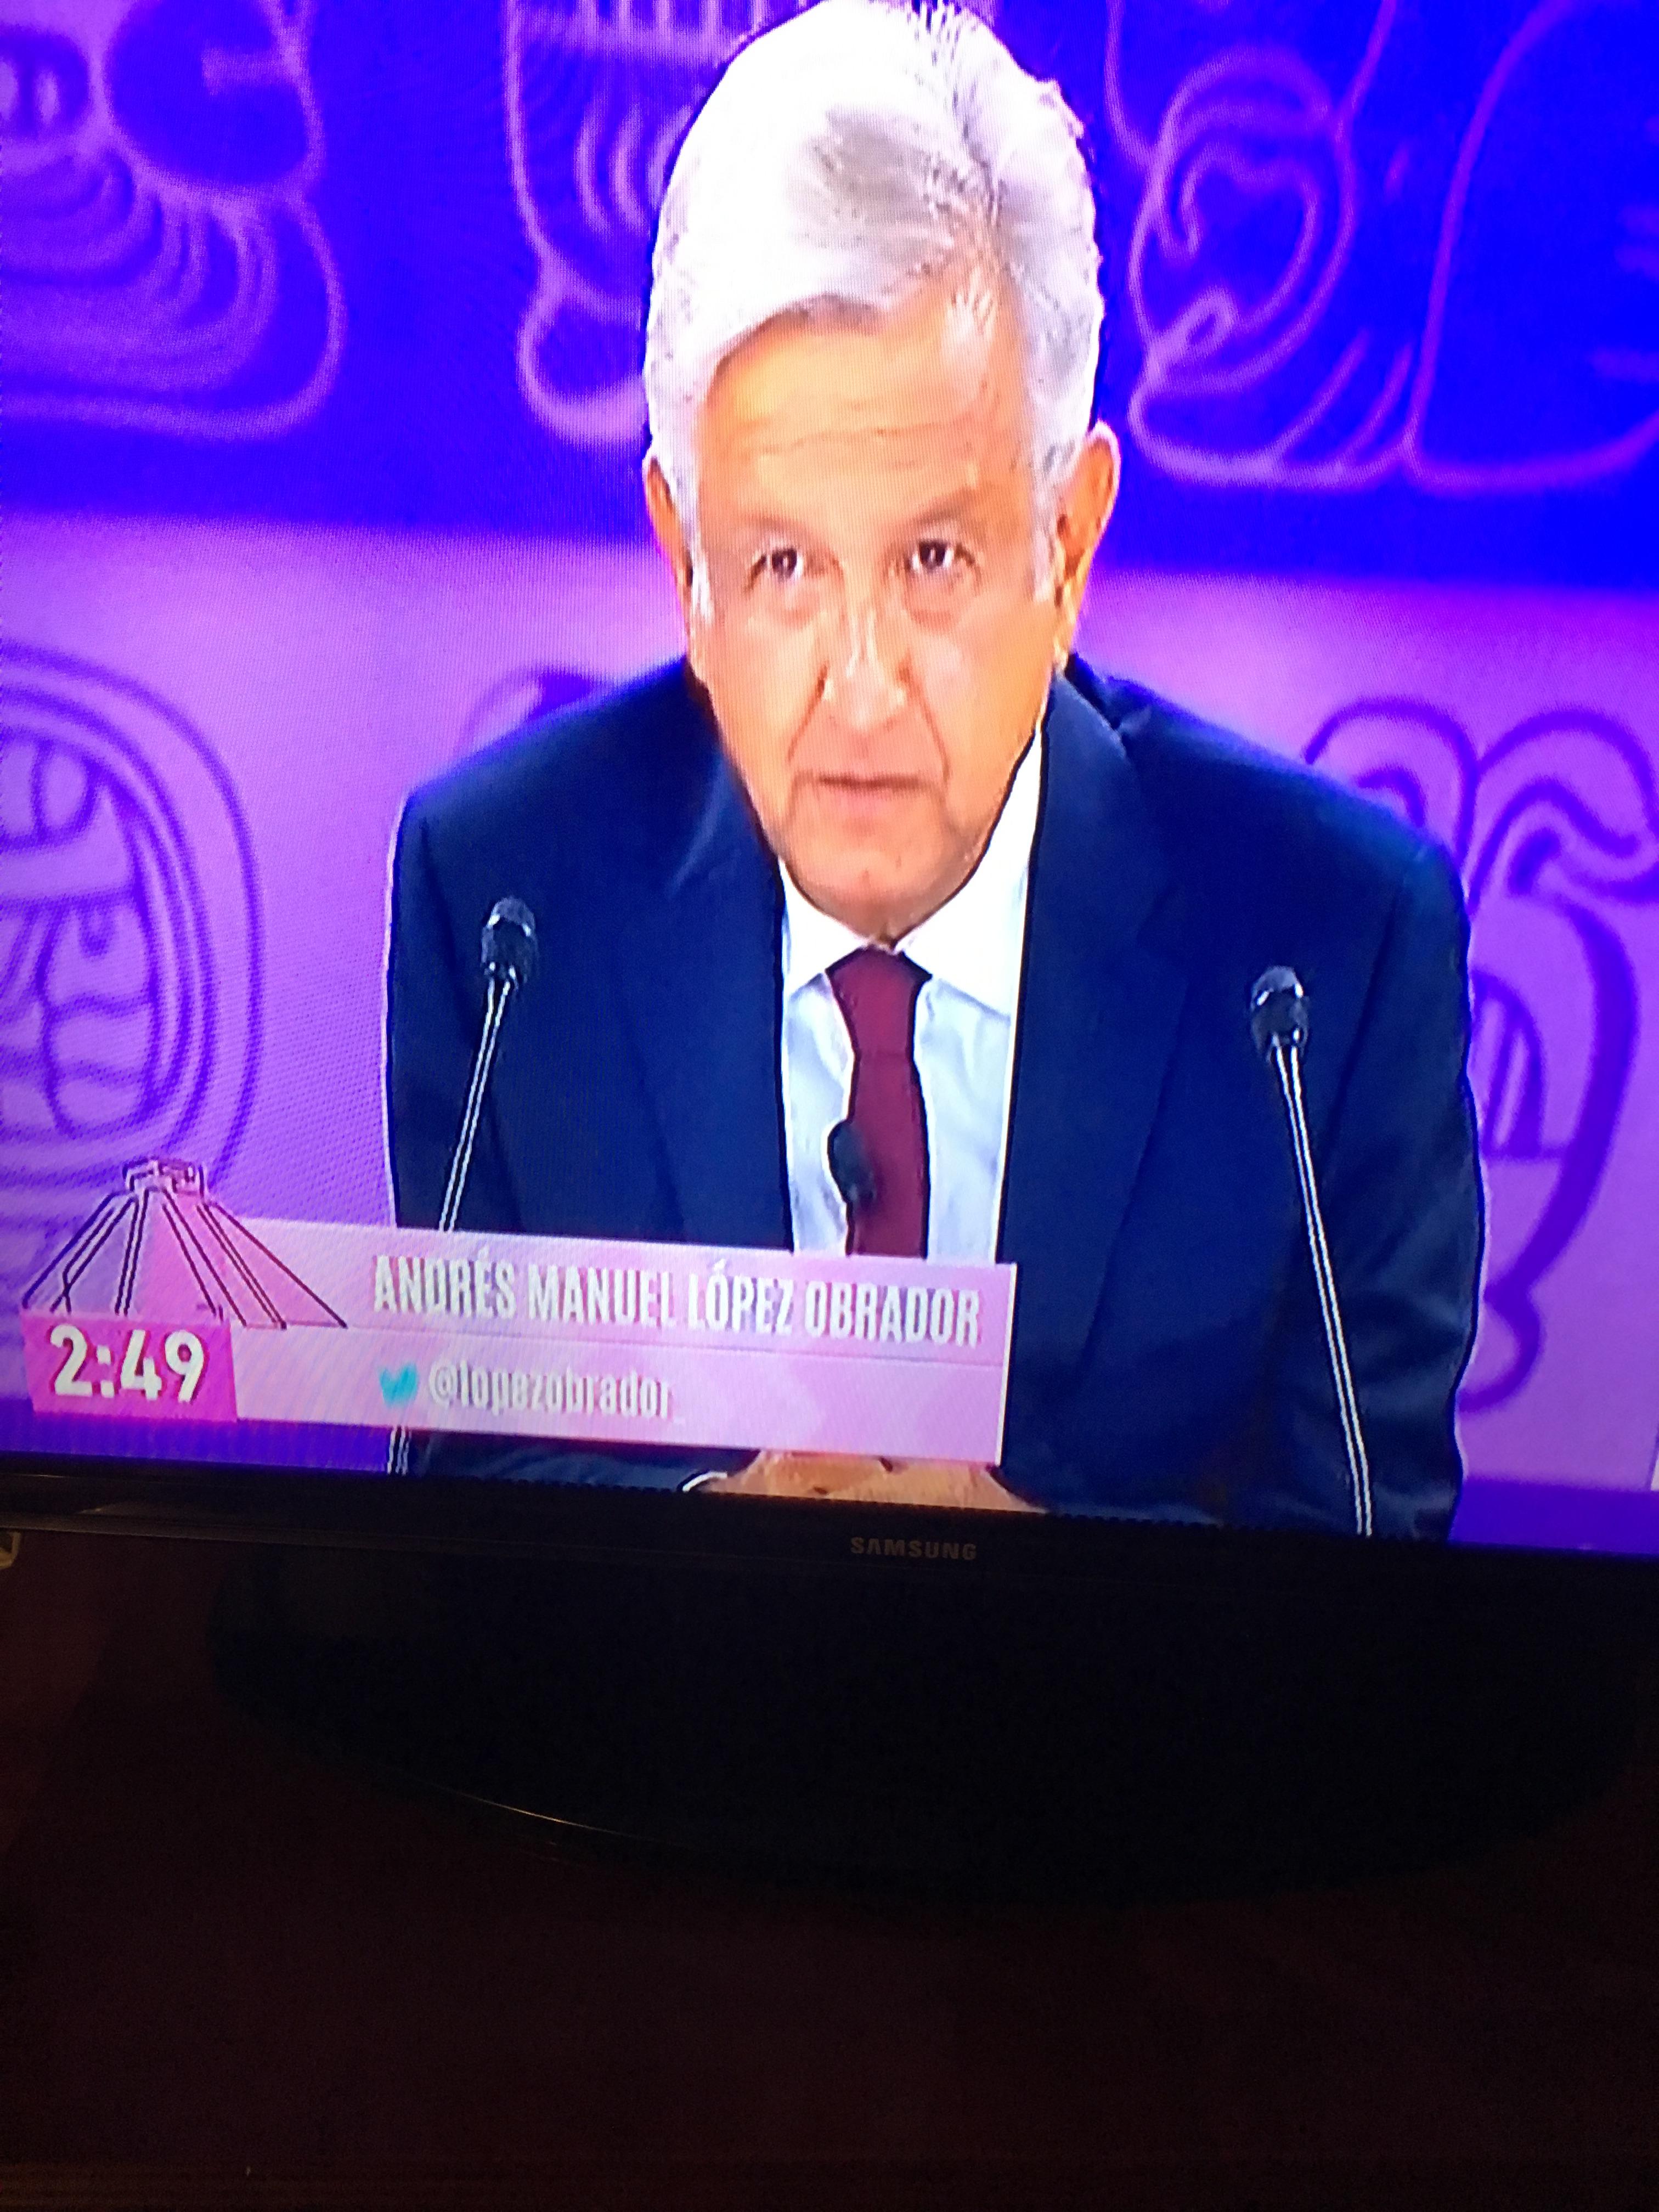 Tercer debate presidencial. ¿Qué buscaron los mexicanos en Google?